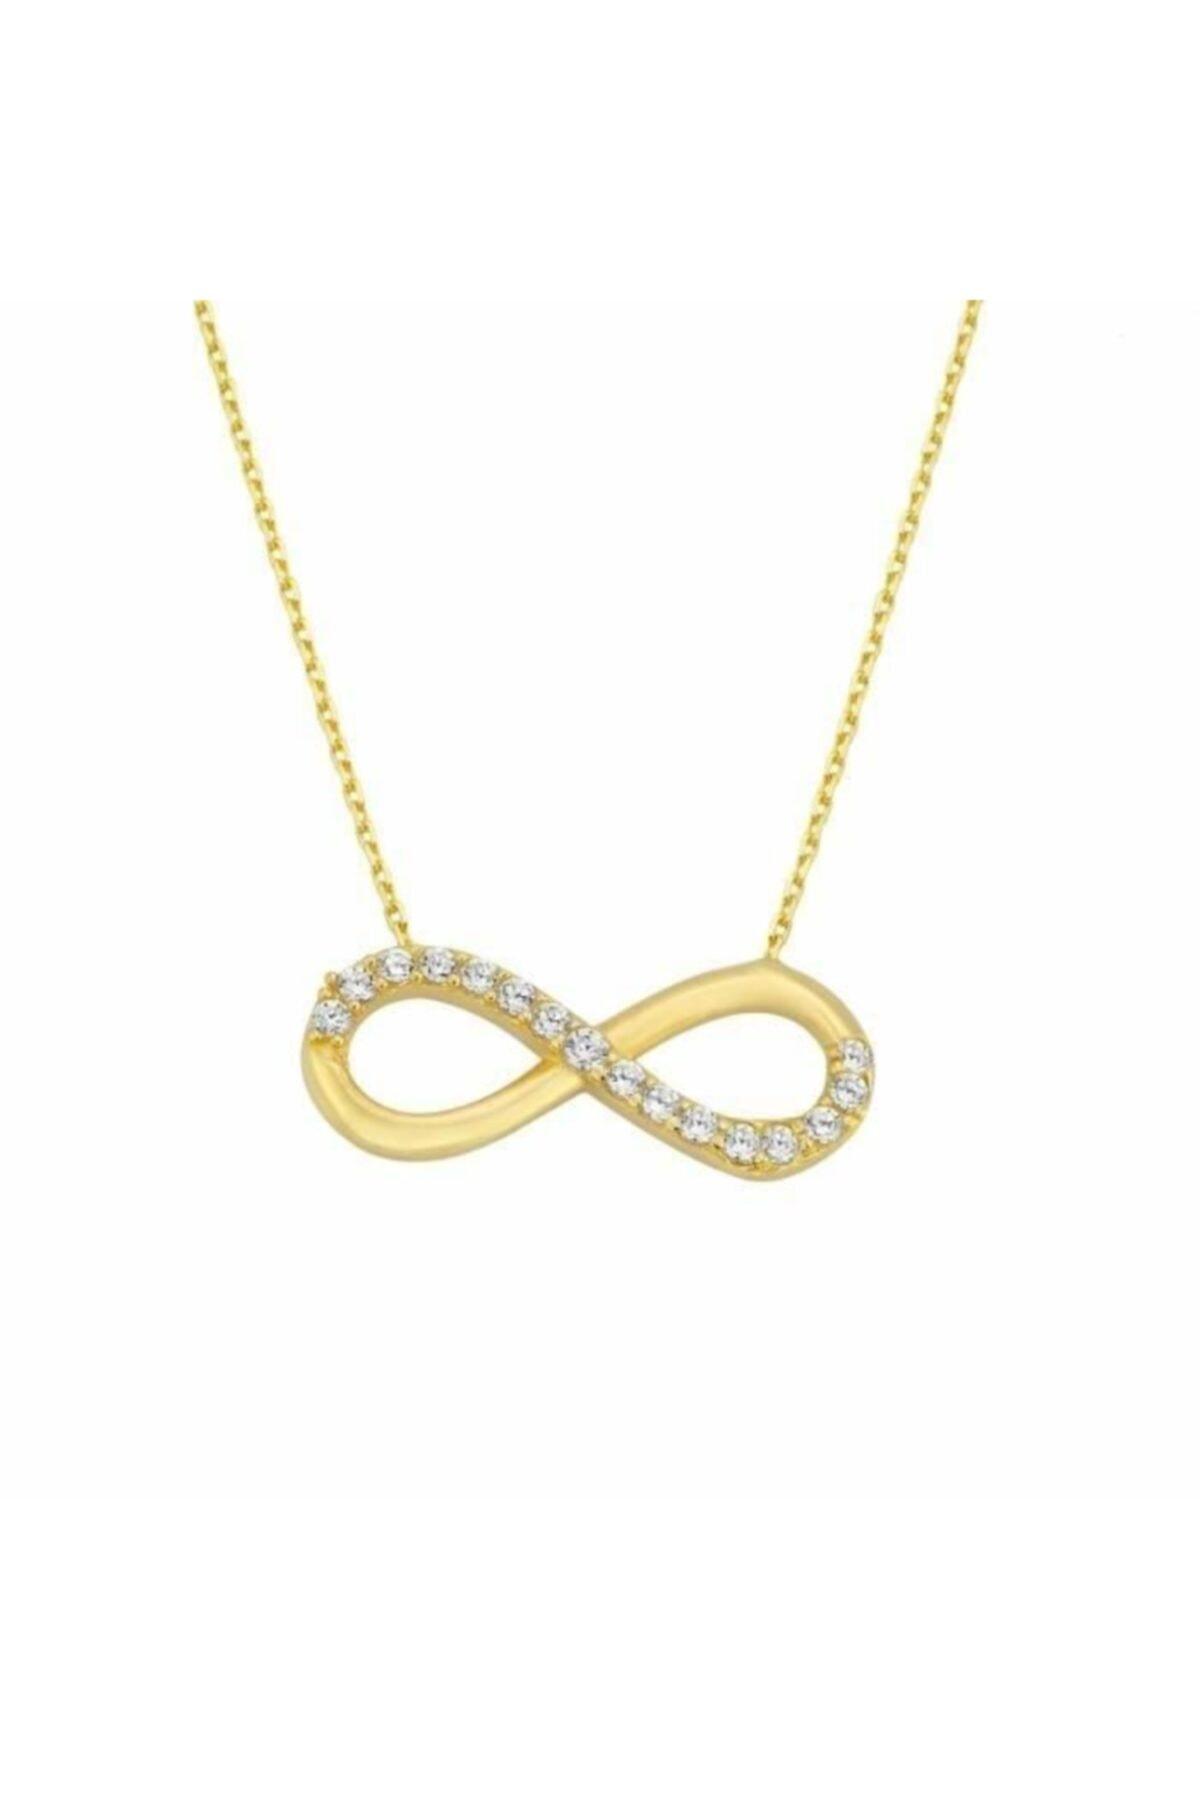 گردنبند طلا زنانه ارزانی برند Sembol Gold رنگ طلایی ty41170634